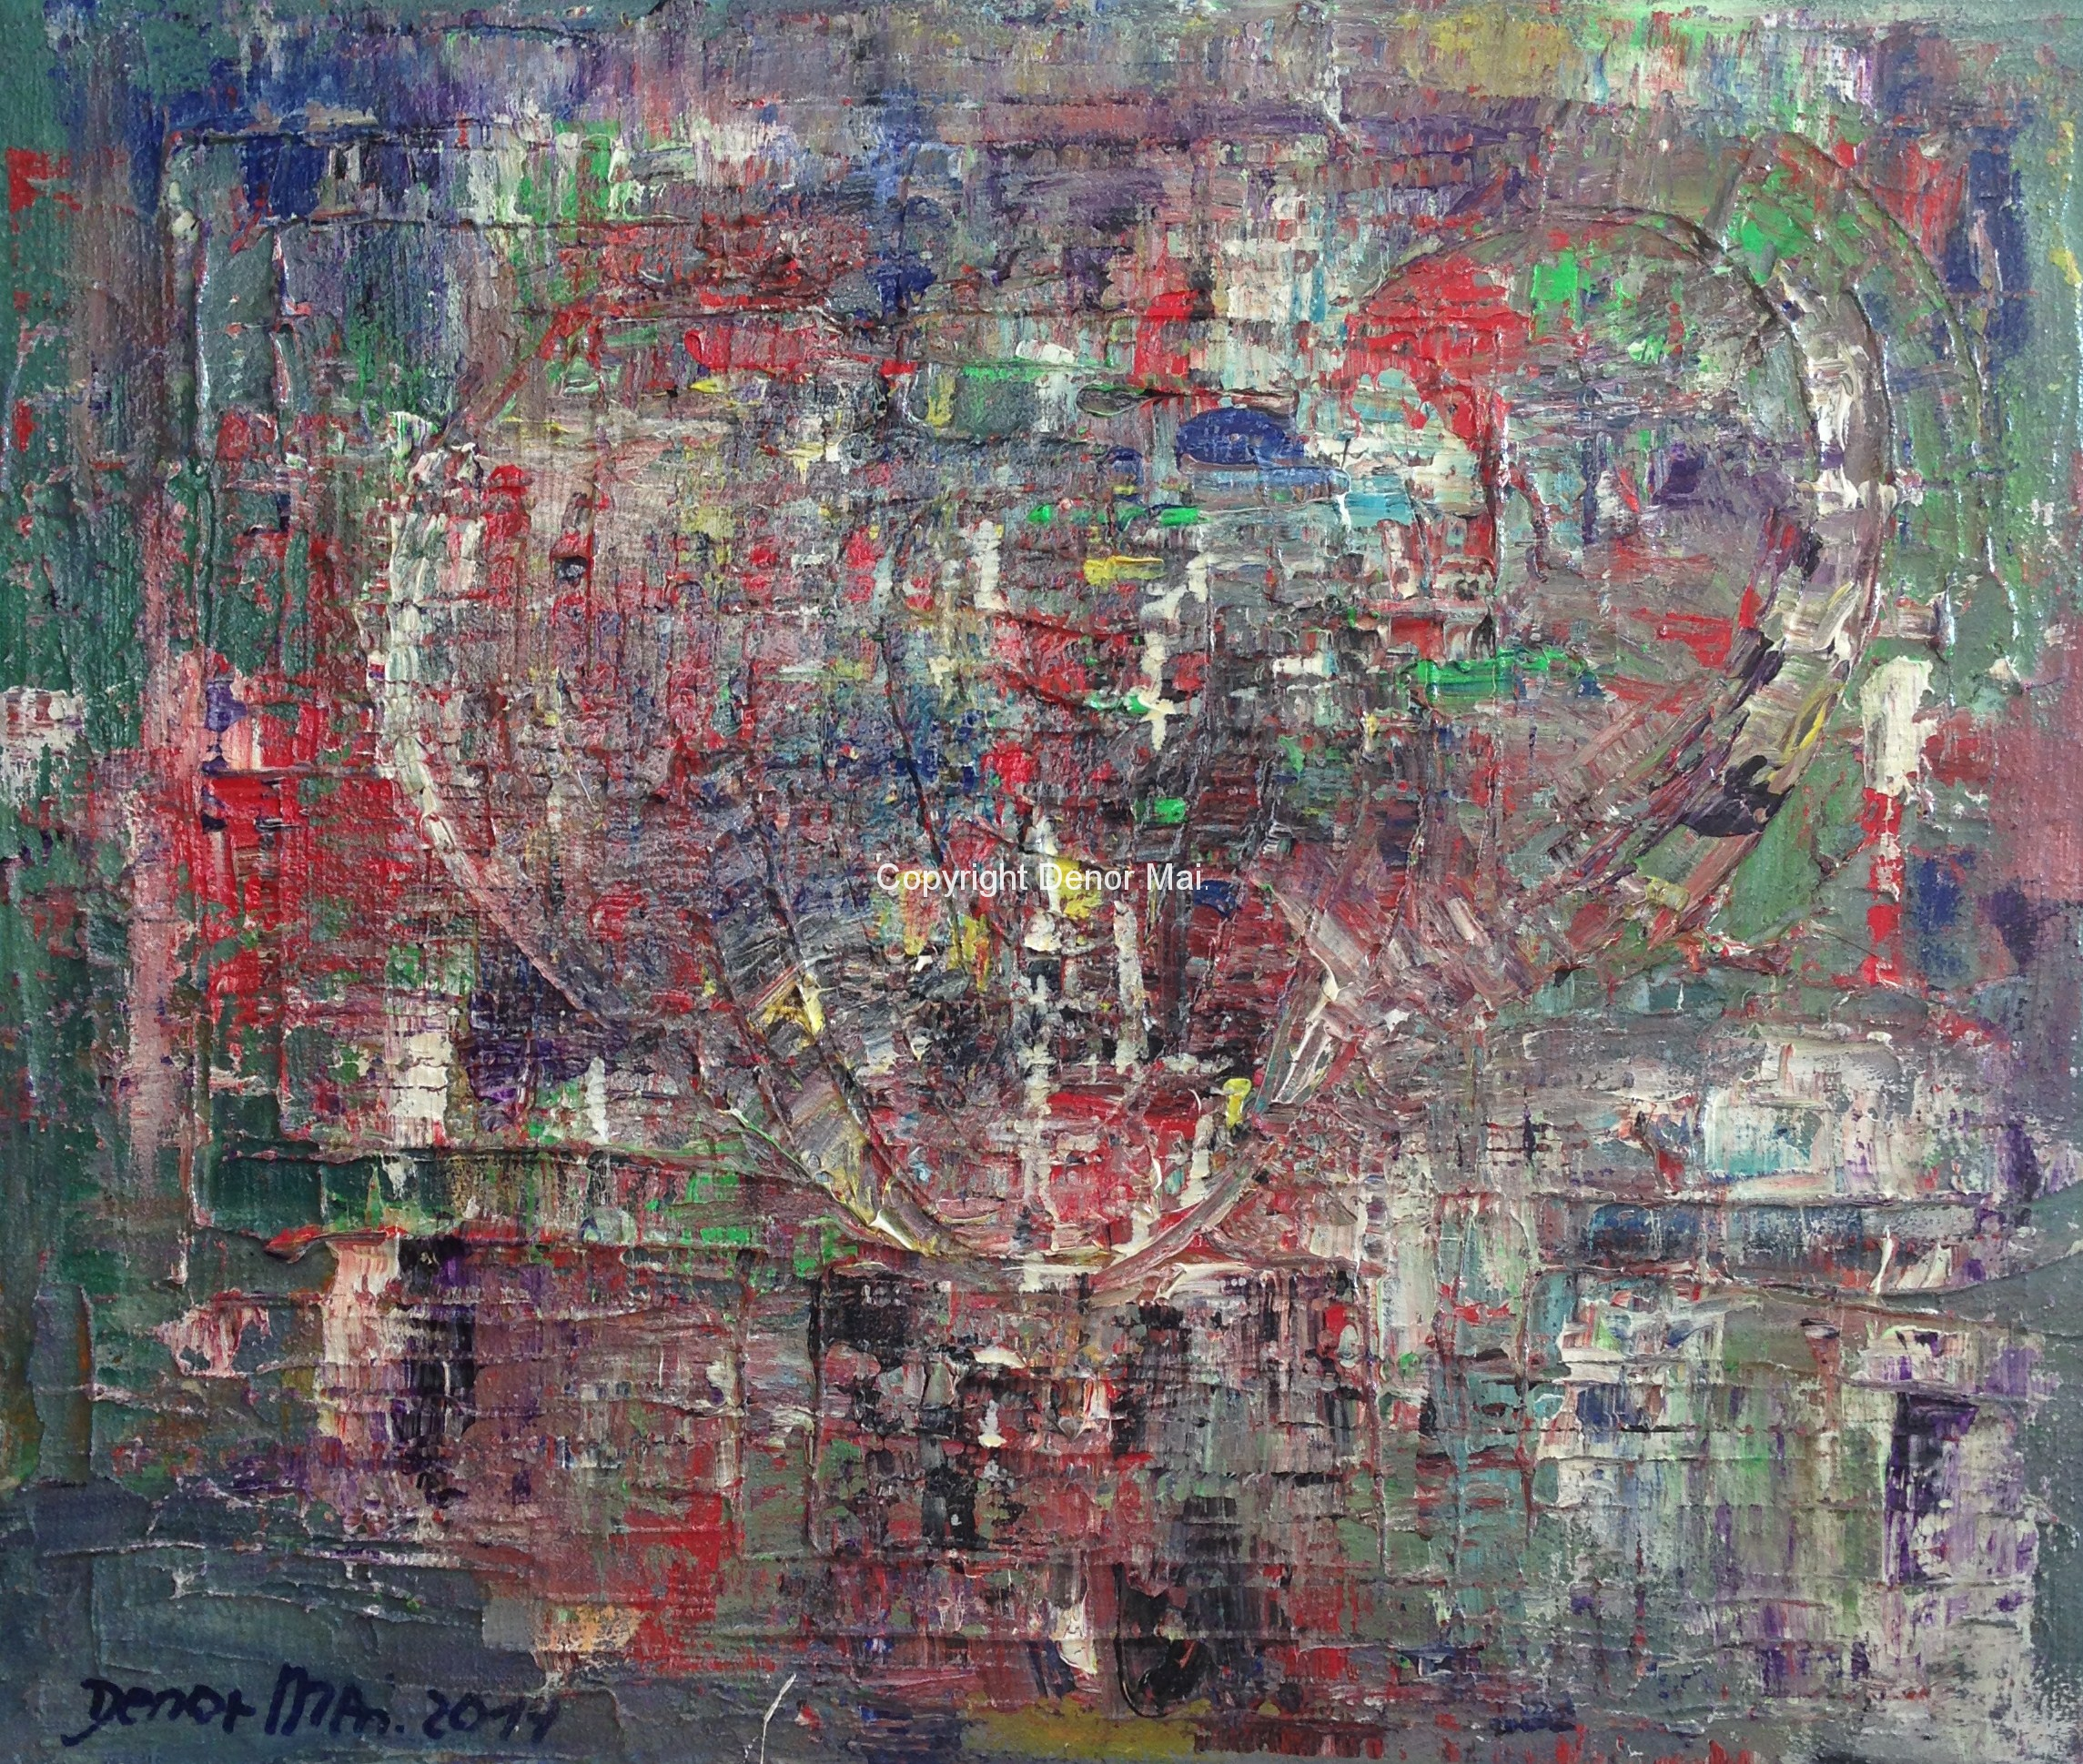 Ballonfahrt, 2014, 60x70